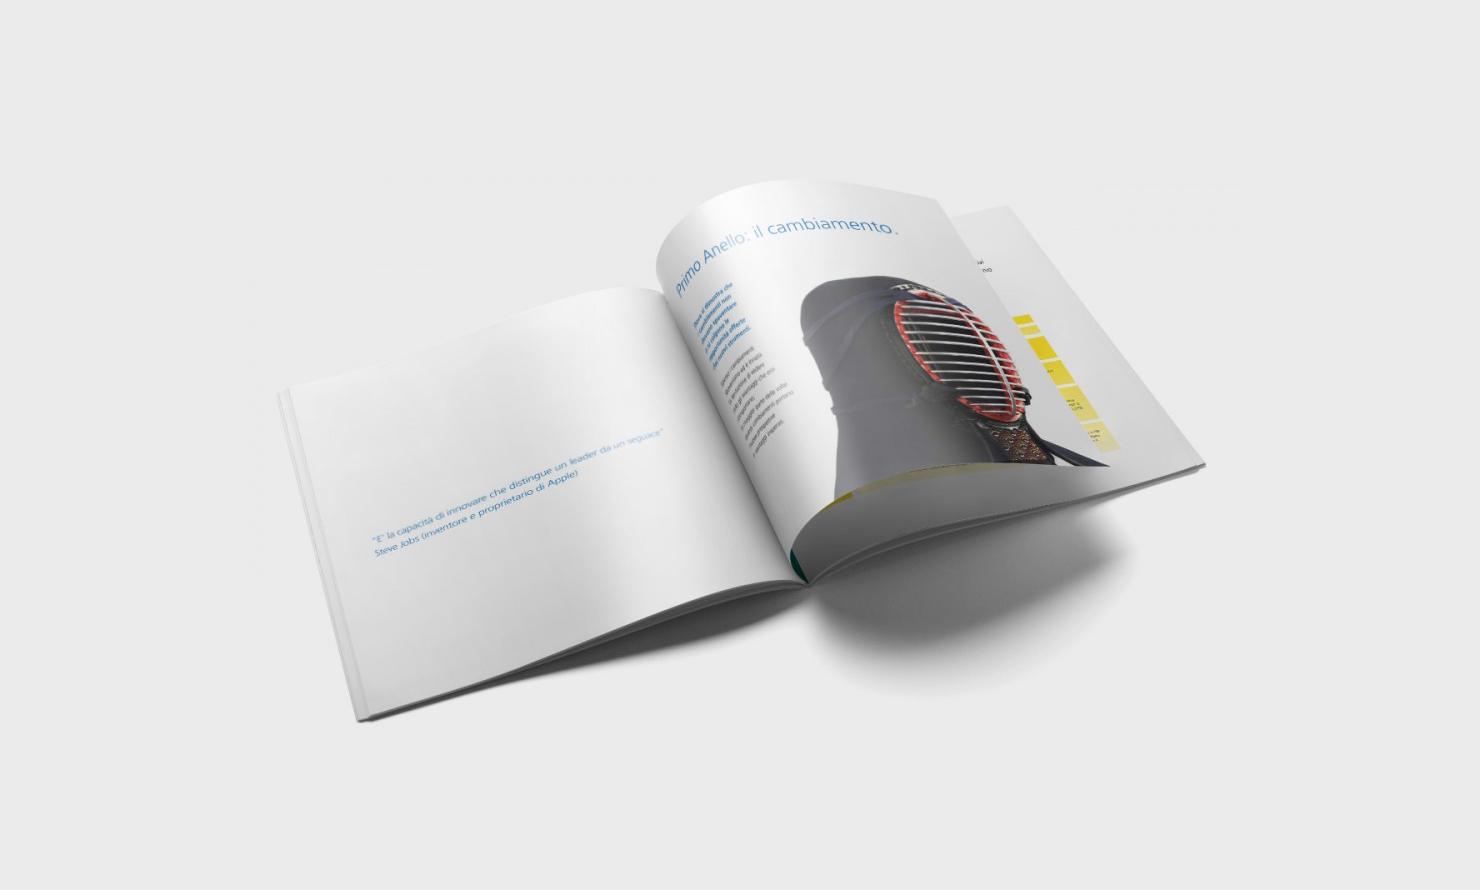 https://www.kubelibre.com/uploads/Slider-work-tutti-clienti/aviva-kit-agenti-il-libro-dei-cinque-anelli-2.jpg